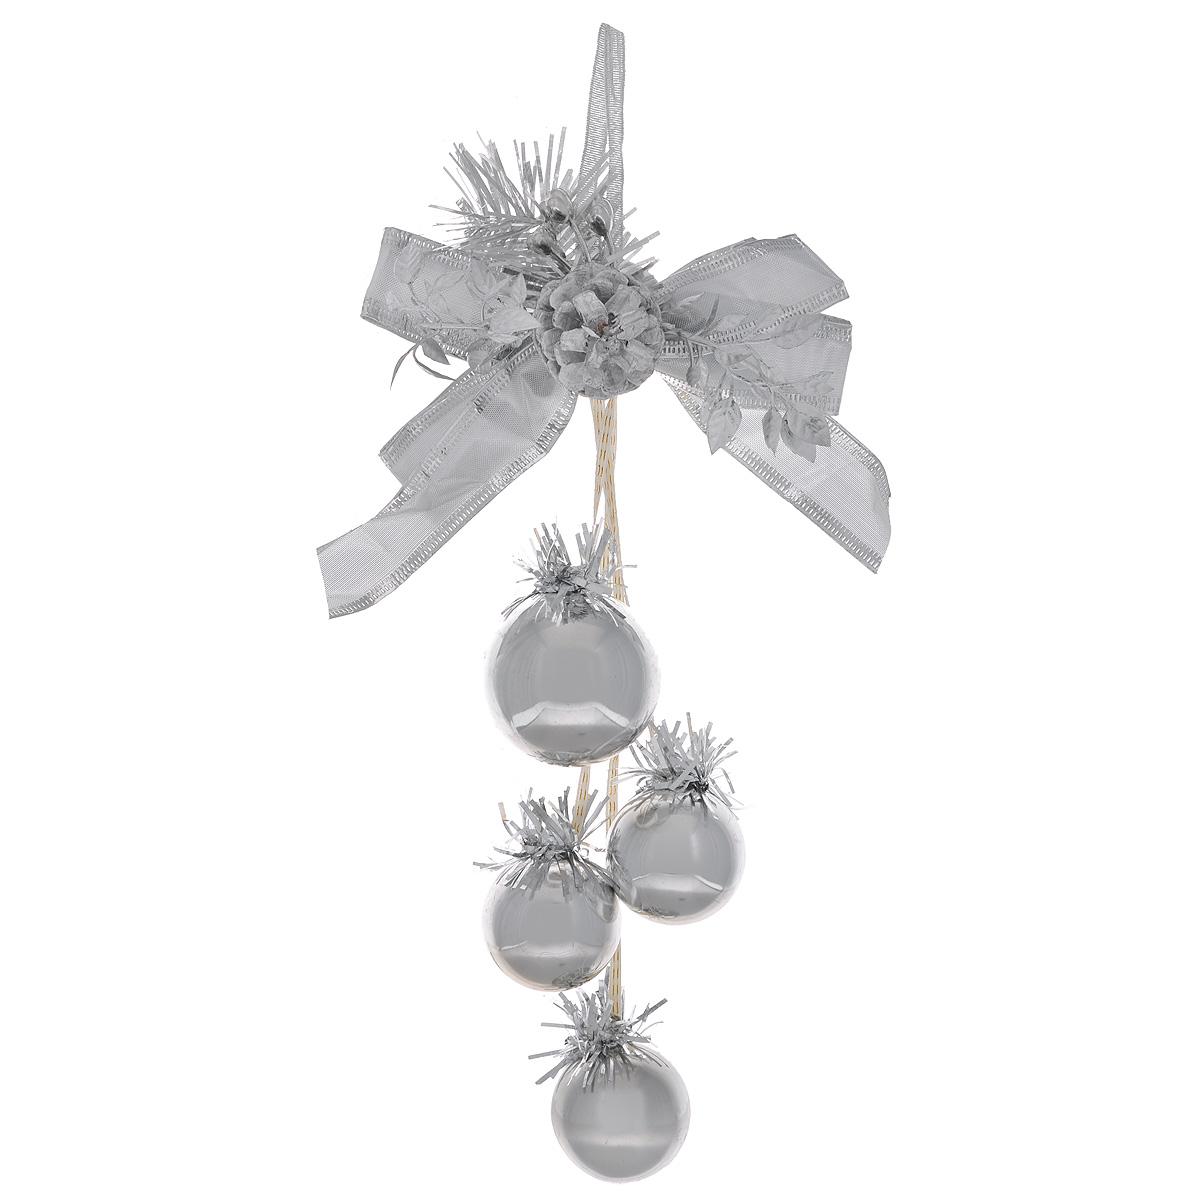 Новогоднее подвесное украшение Шарики, цвет: серебристый. 3443234432Оригинальное новогоднее украшение из пластика прекрасно подойдет для праздничного декора дома и новогодней ели. Изделие крепится на елку с помощью металлического зажима.